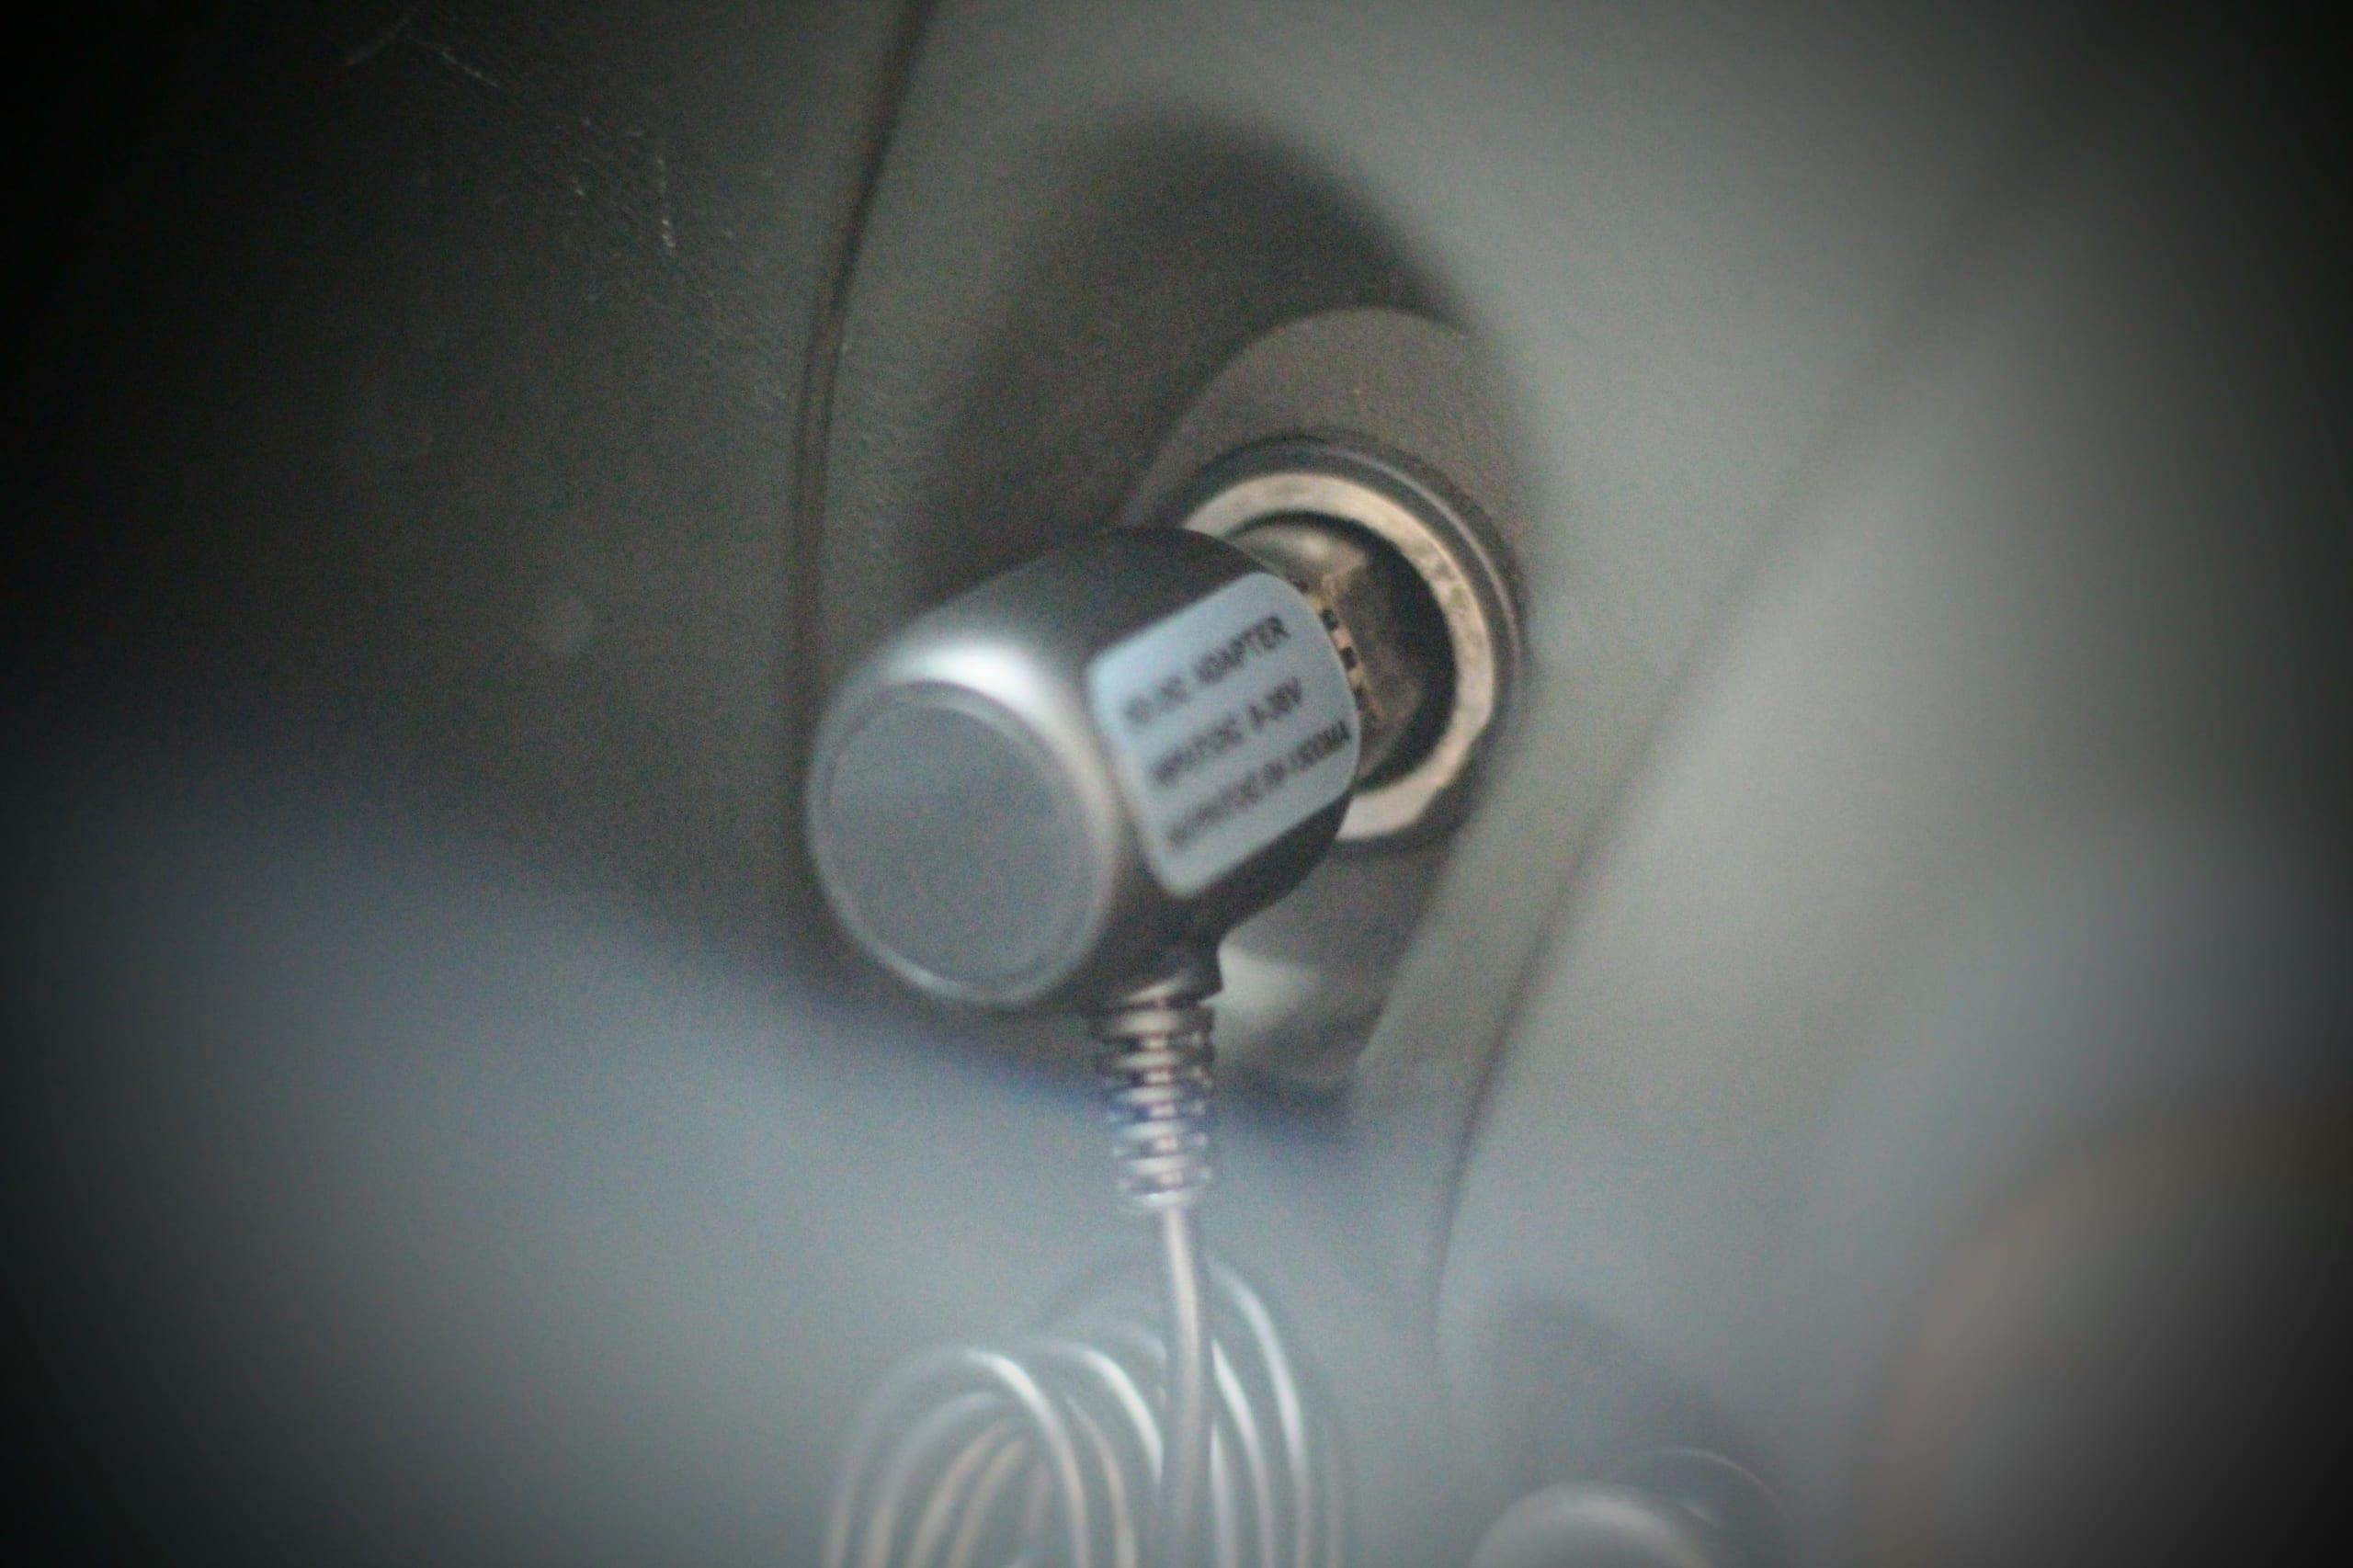 シガーライターに接続したドライブレコーダー